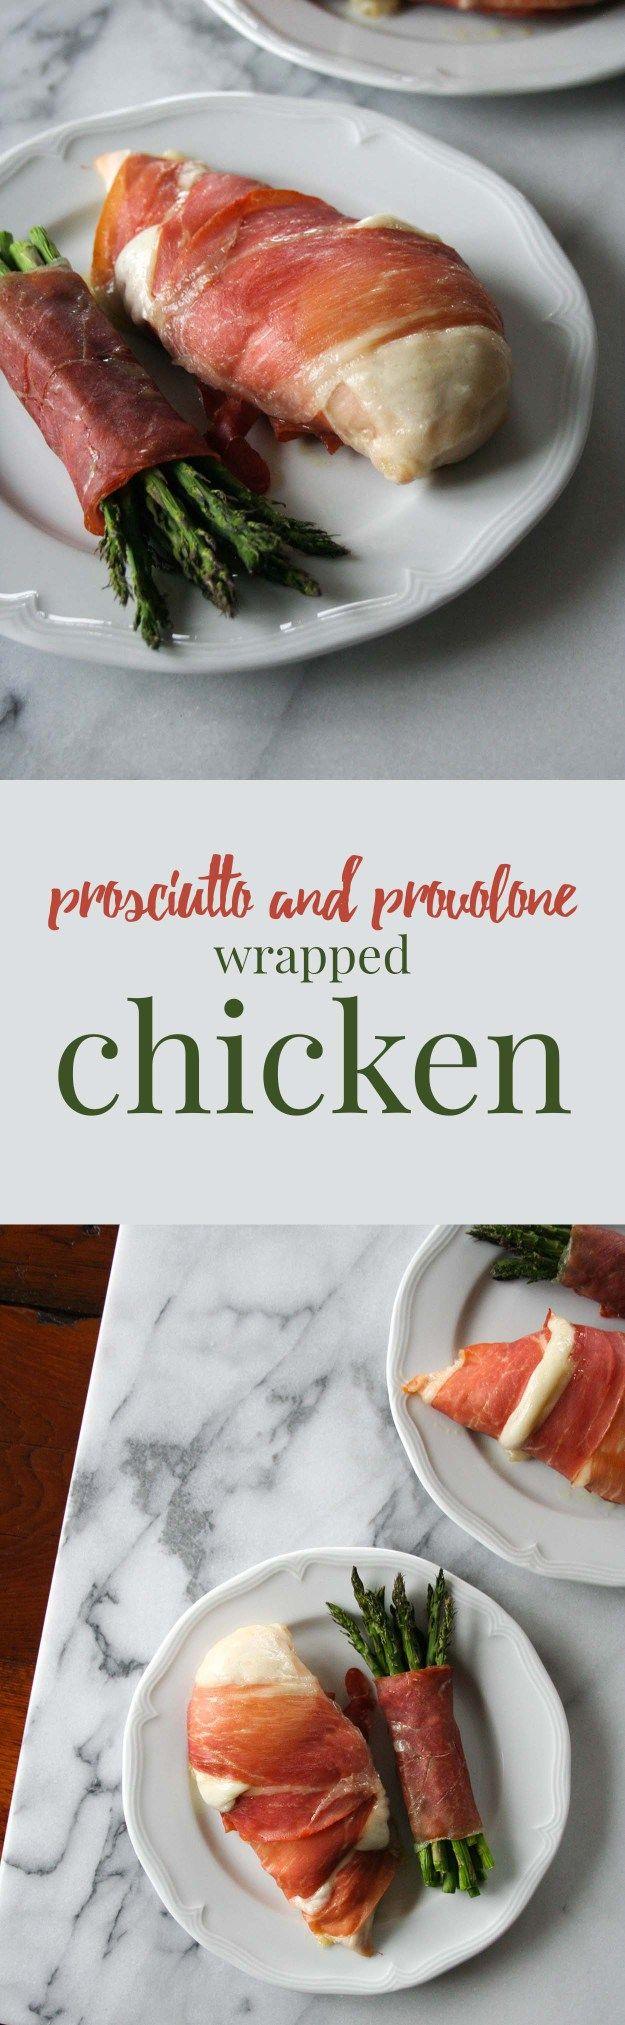 Provolone and Prosciutto Wrapped Chicken